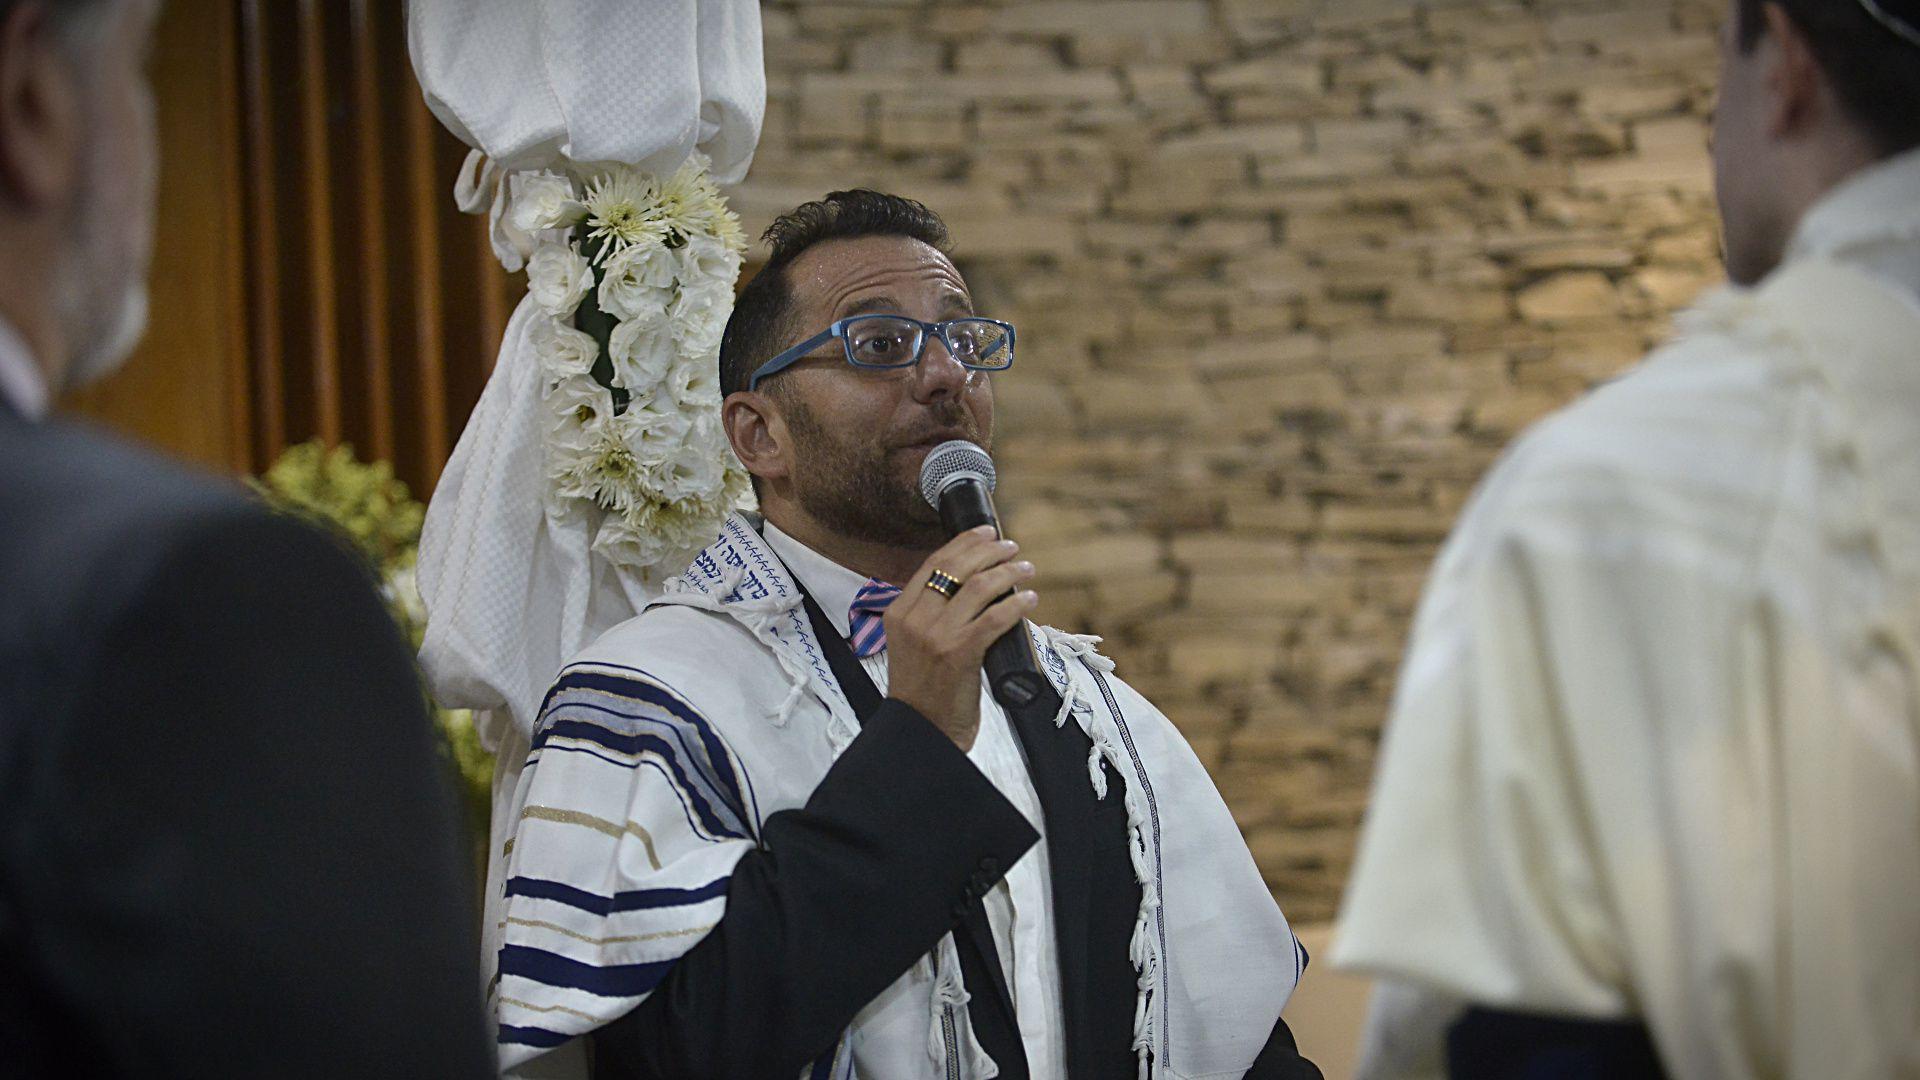 El rabino Marcelo Bater, director espiritual de la Comunidad Dor Jadash